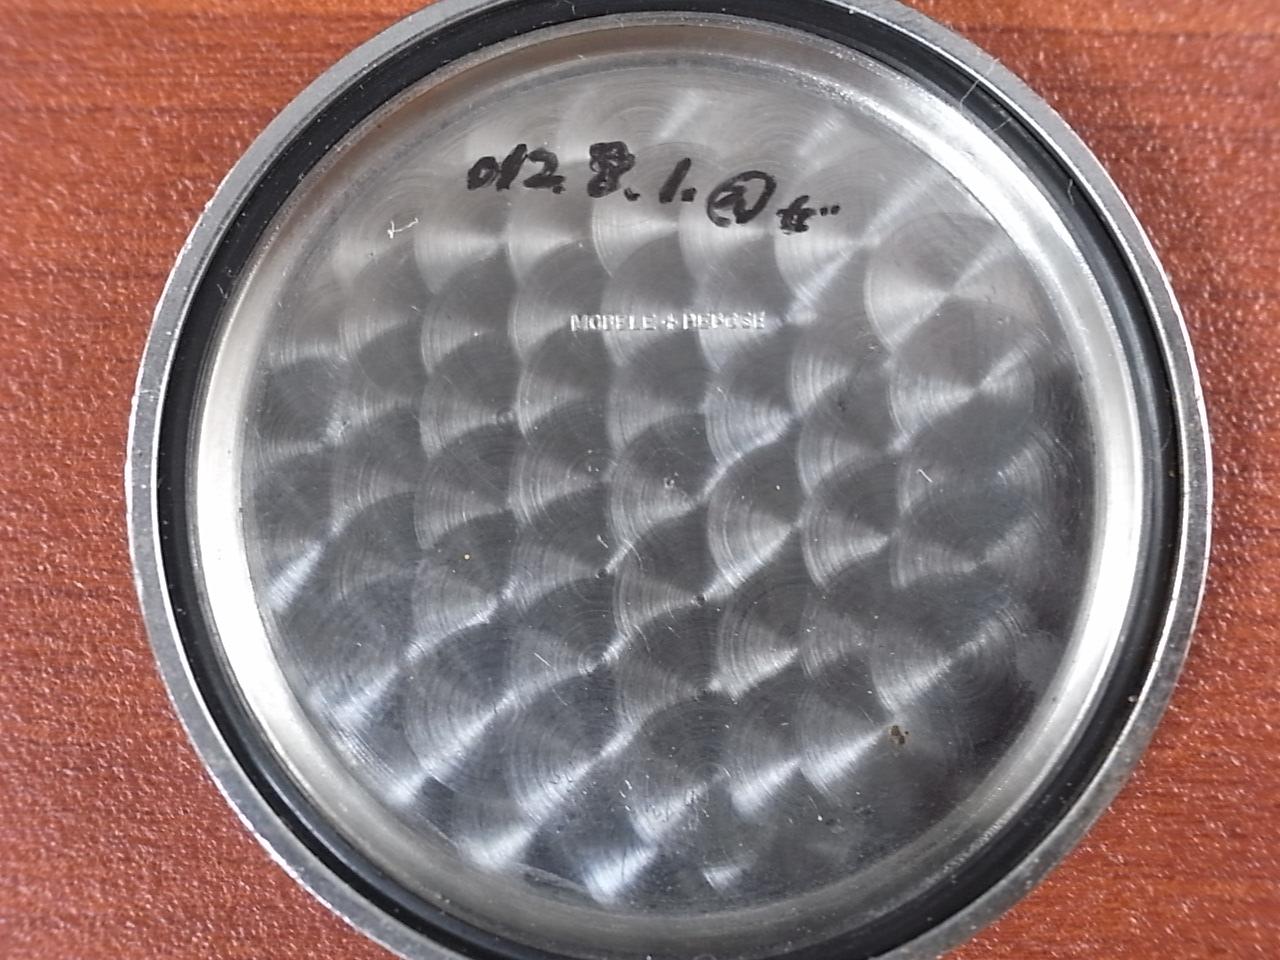 ミネルバ クロノグラフ Cal.20CH スナップ防水ケース ラージプッシャー 1940年代の写真6枚目